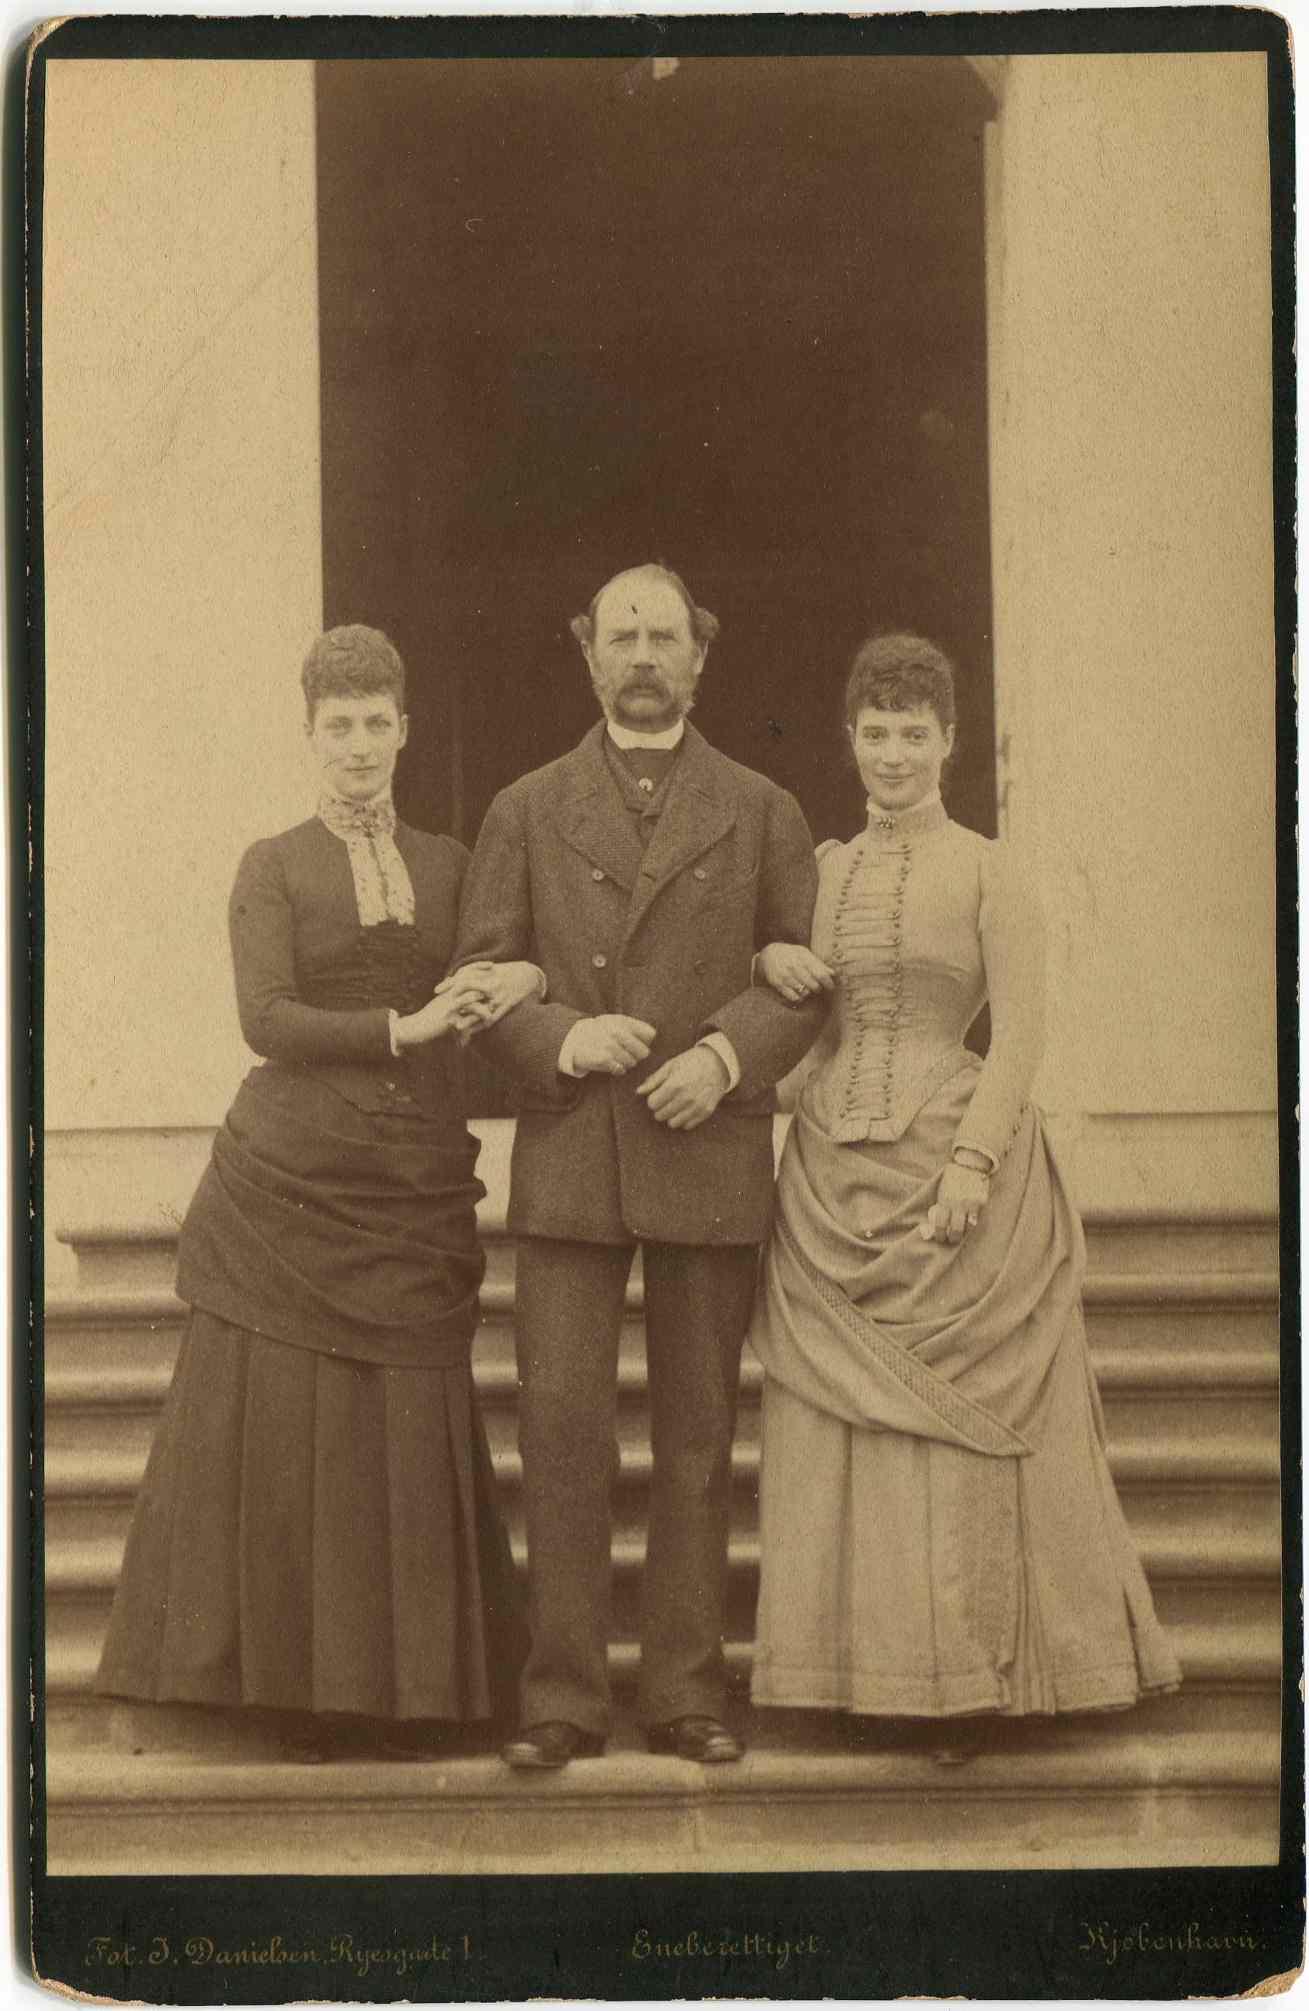 Фотография Датского короля Кристиана IX с дочерьми, Александрой (королевой Великобритании) и Дагмарой (русской Императрицей Марией Фёдоровной)